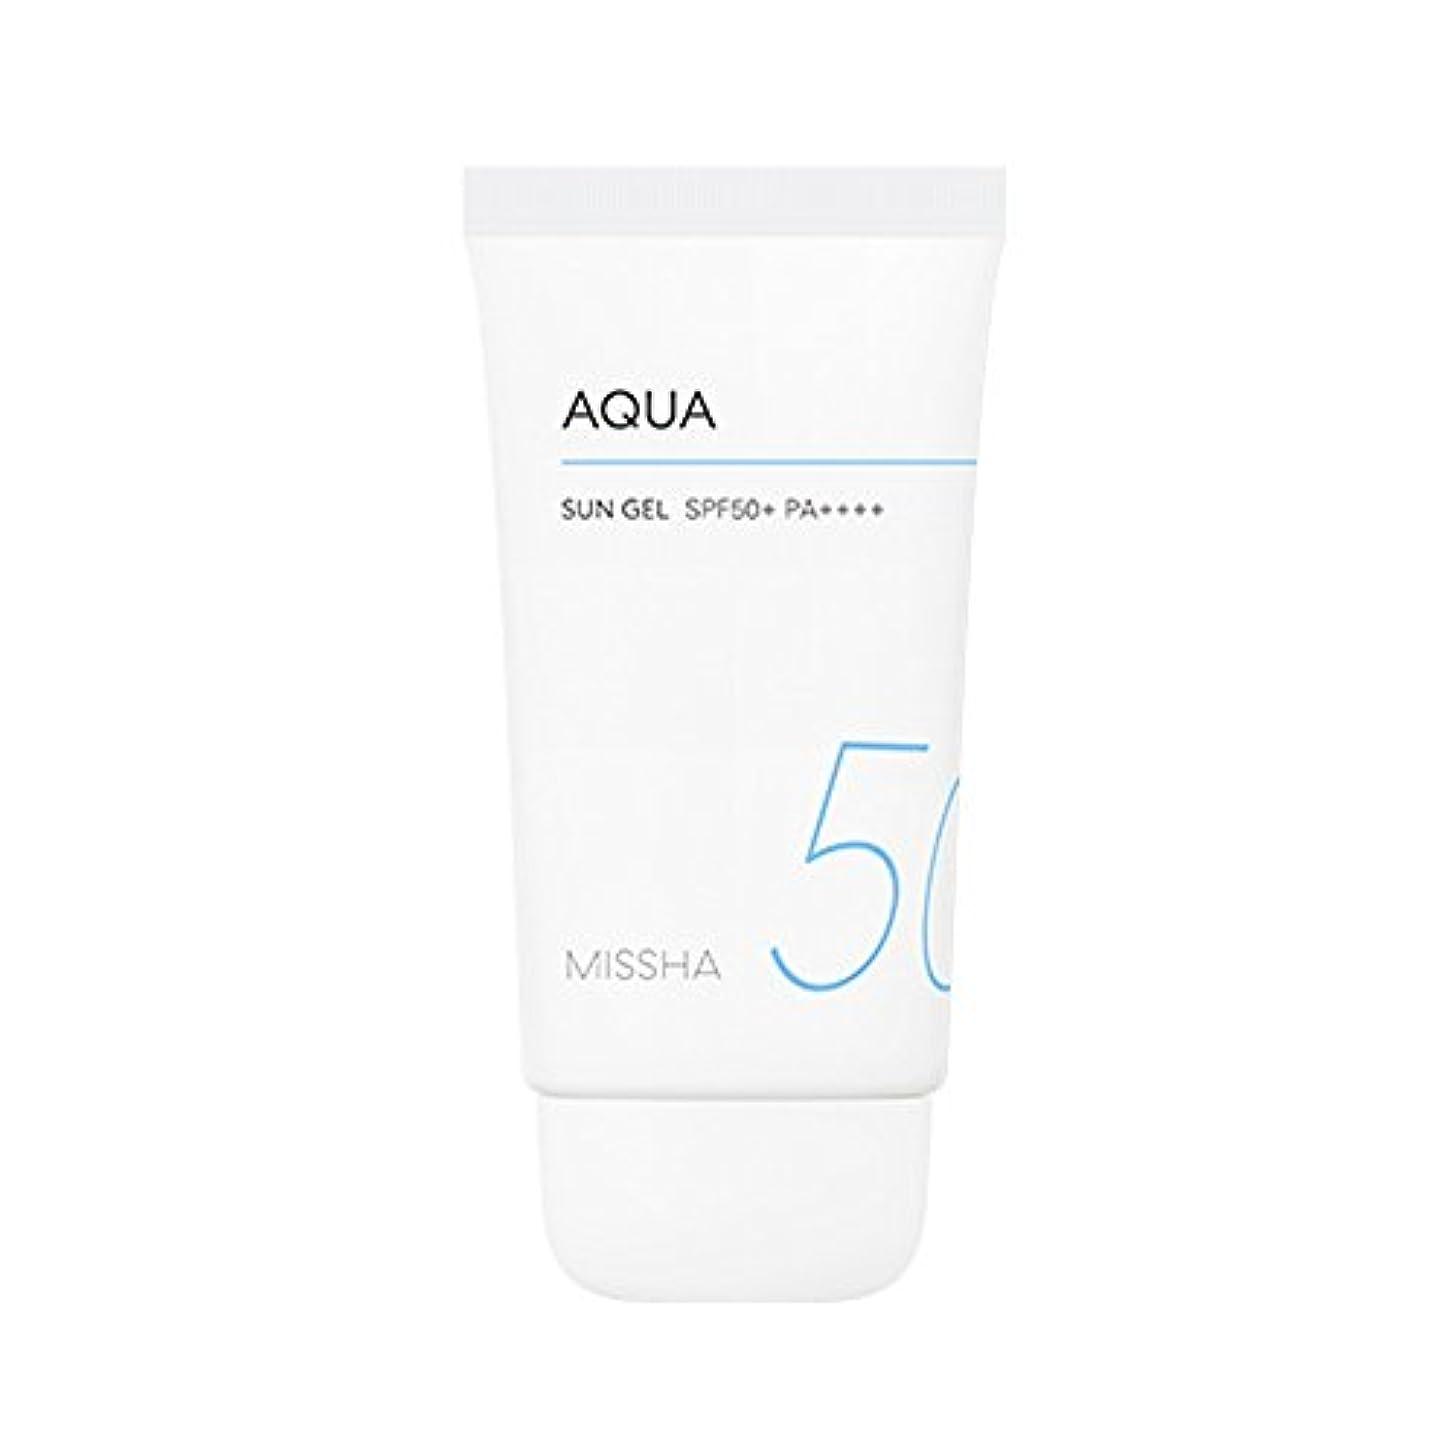 うなり声必須毎日Missha All Around Safe Block Aqua Sun Gel SPF50+ PA++++ 50ml ミシャ オール アラウンド セーフ ブロック アクア サン ジェル 50ml [並行輸入品]